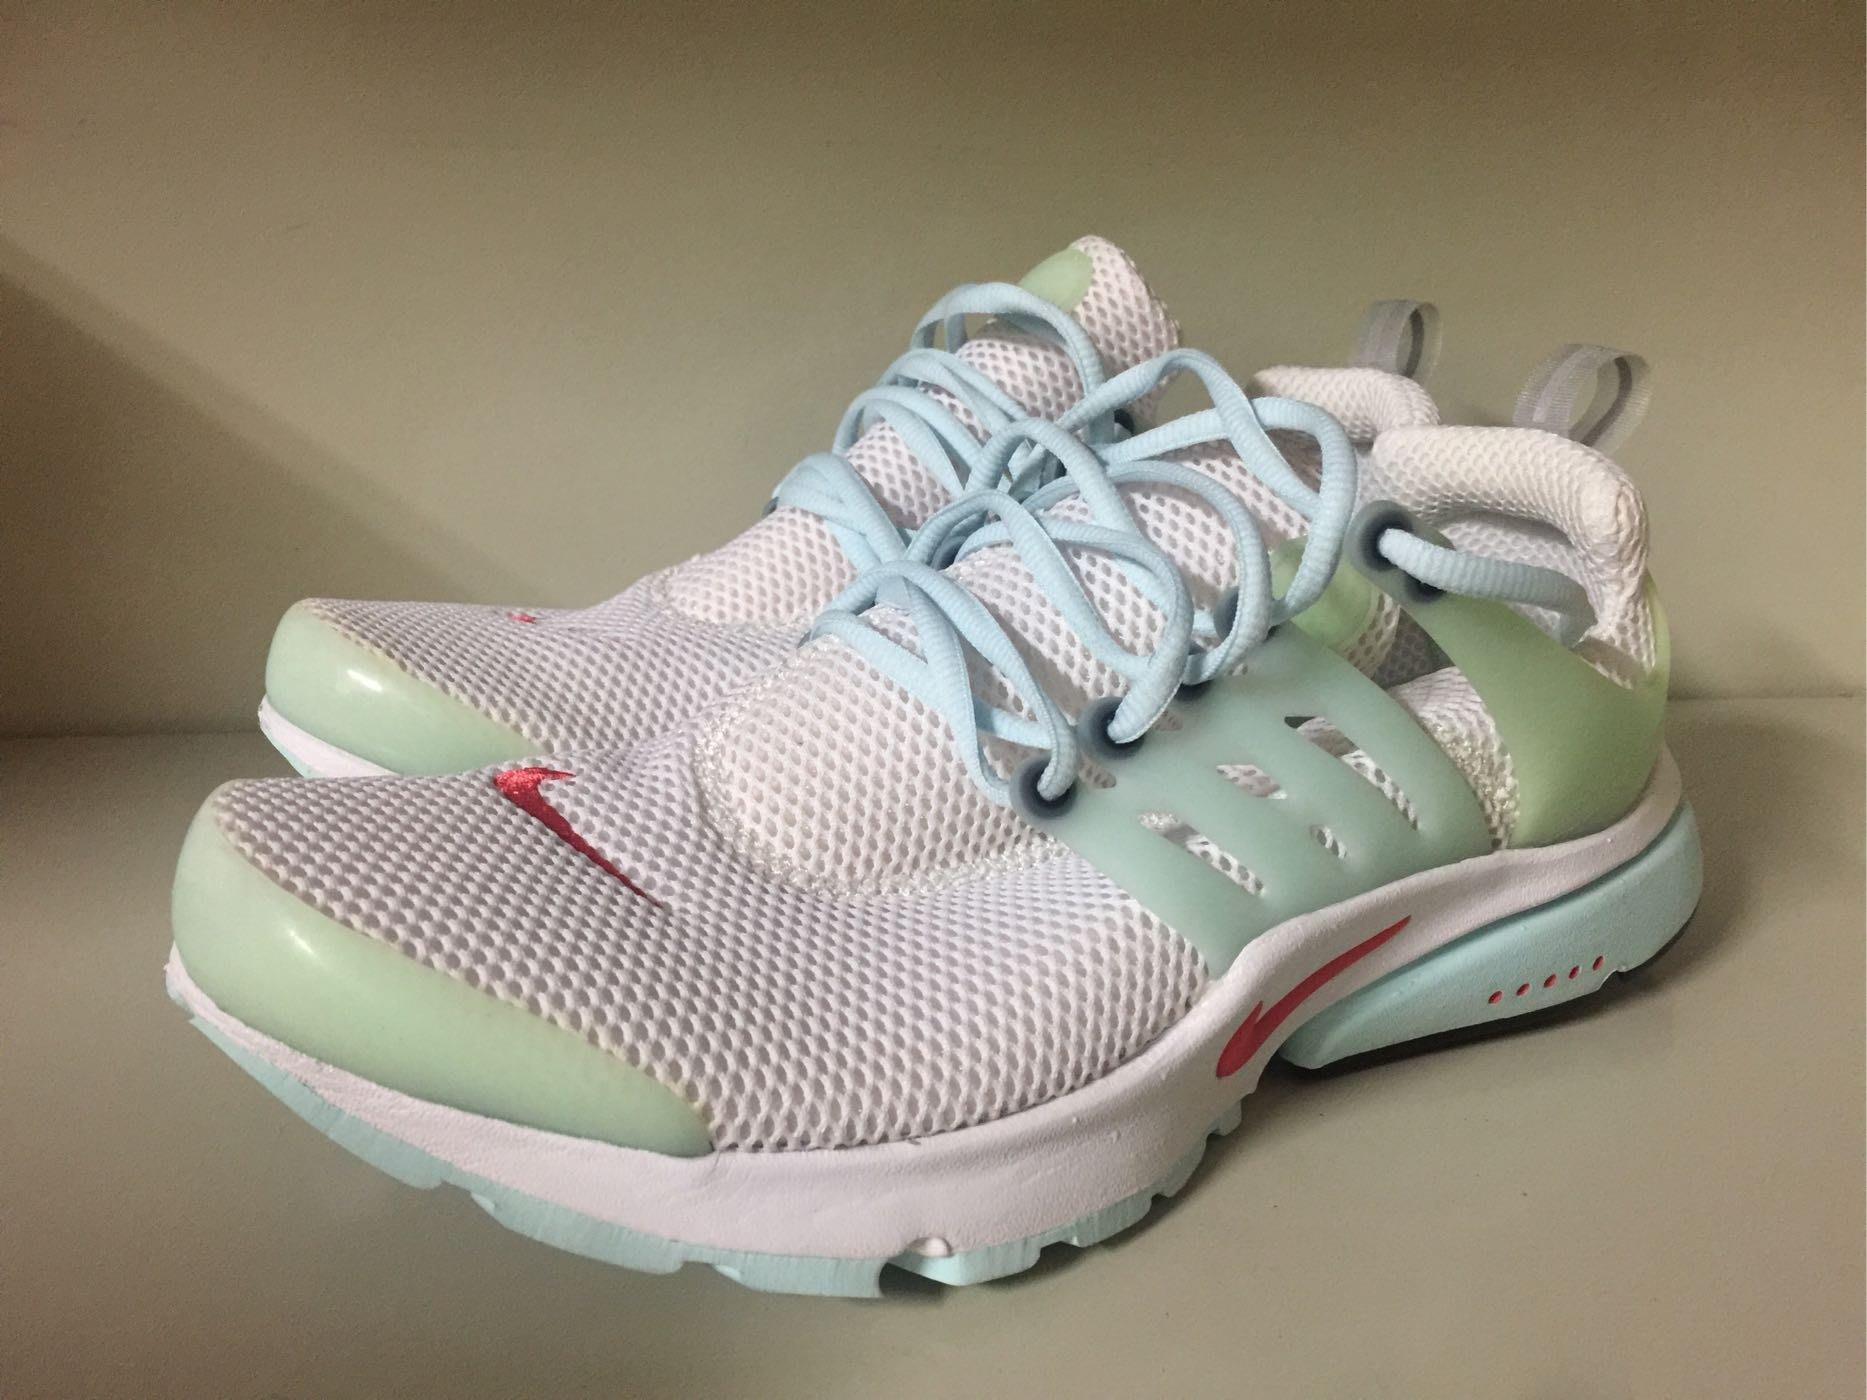 NIKE AIR PRESTO QS  帝芬尼綠 襪套 限定 魚骨 休閒運動鞋 789870